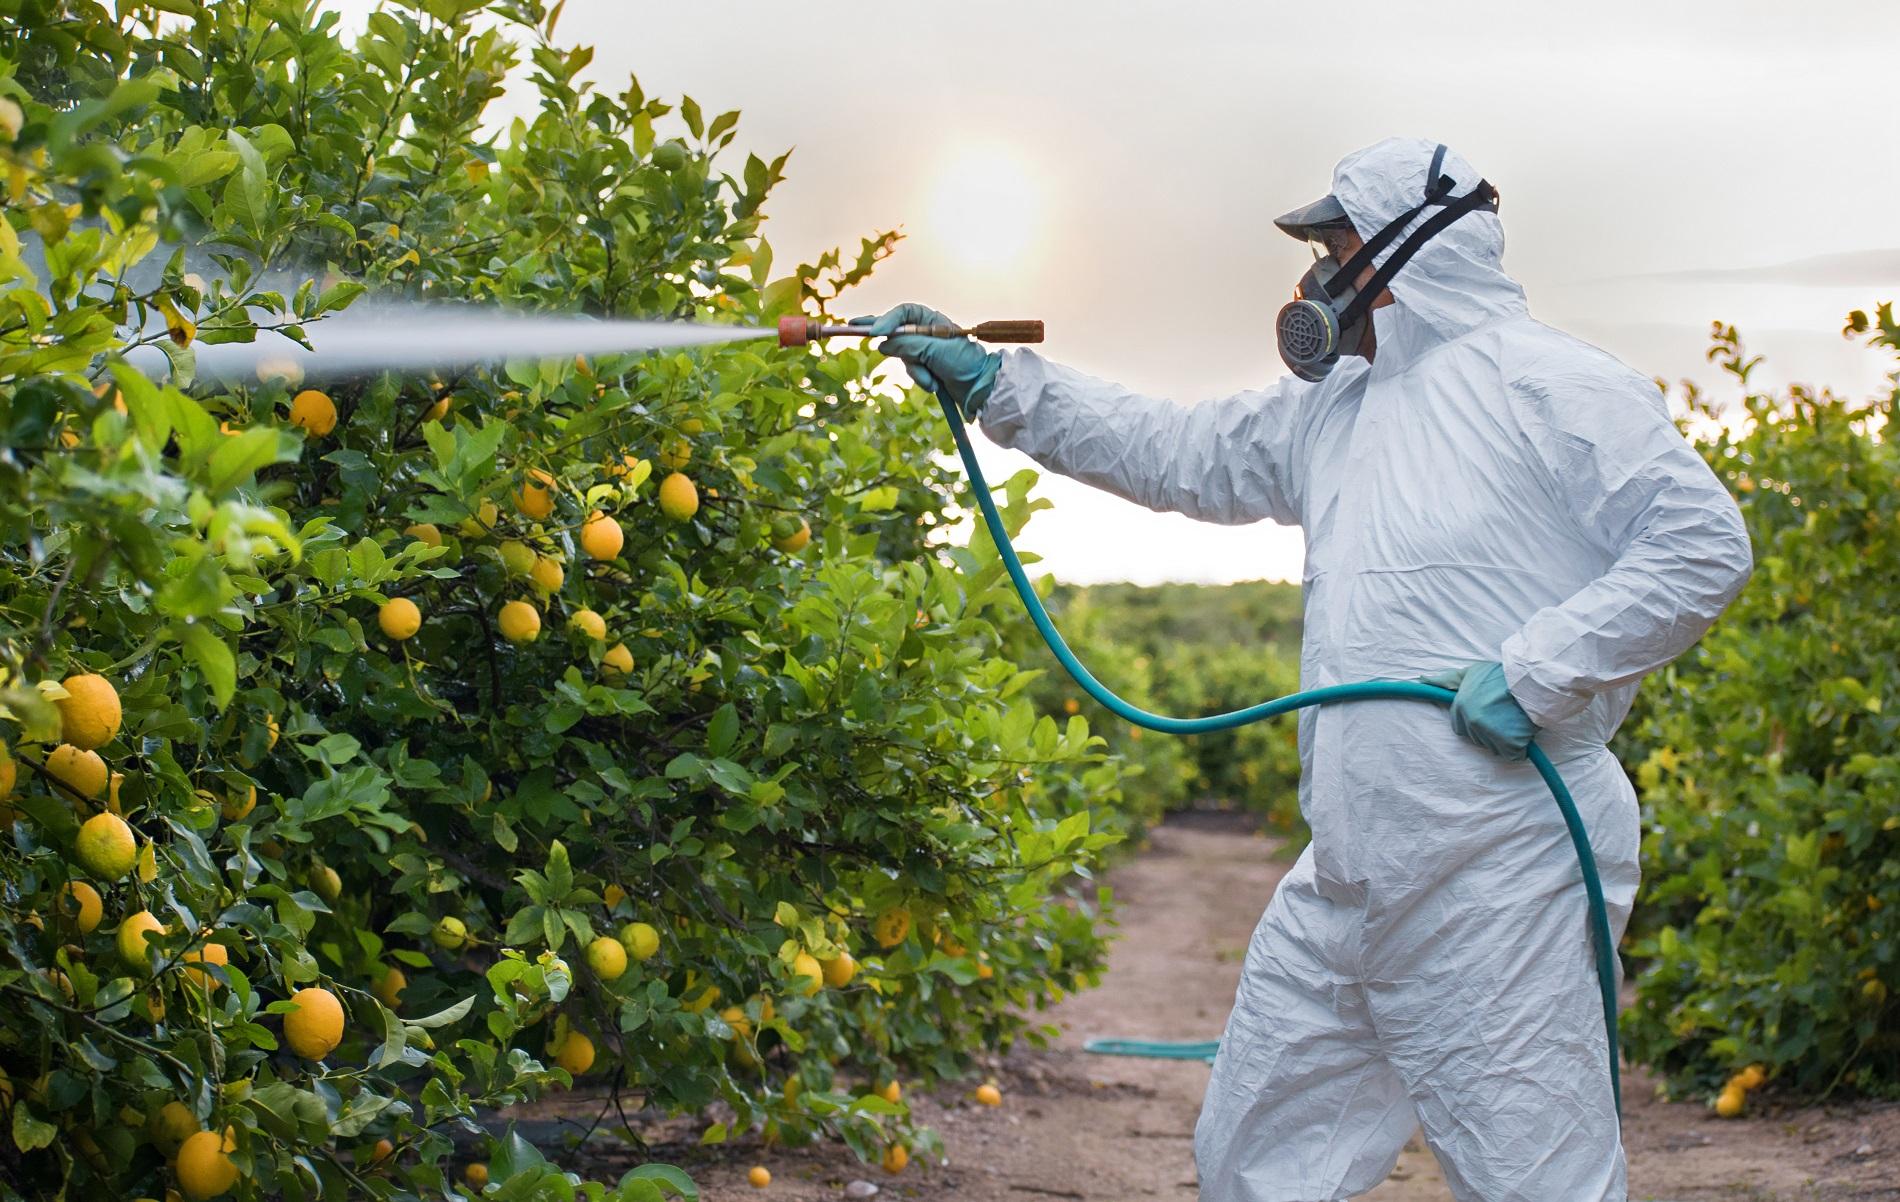 Por tu seguridad y la de todos, evita el uso de fitosanitarios ilegales